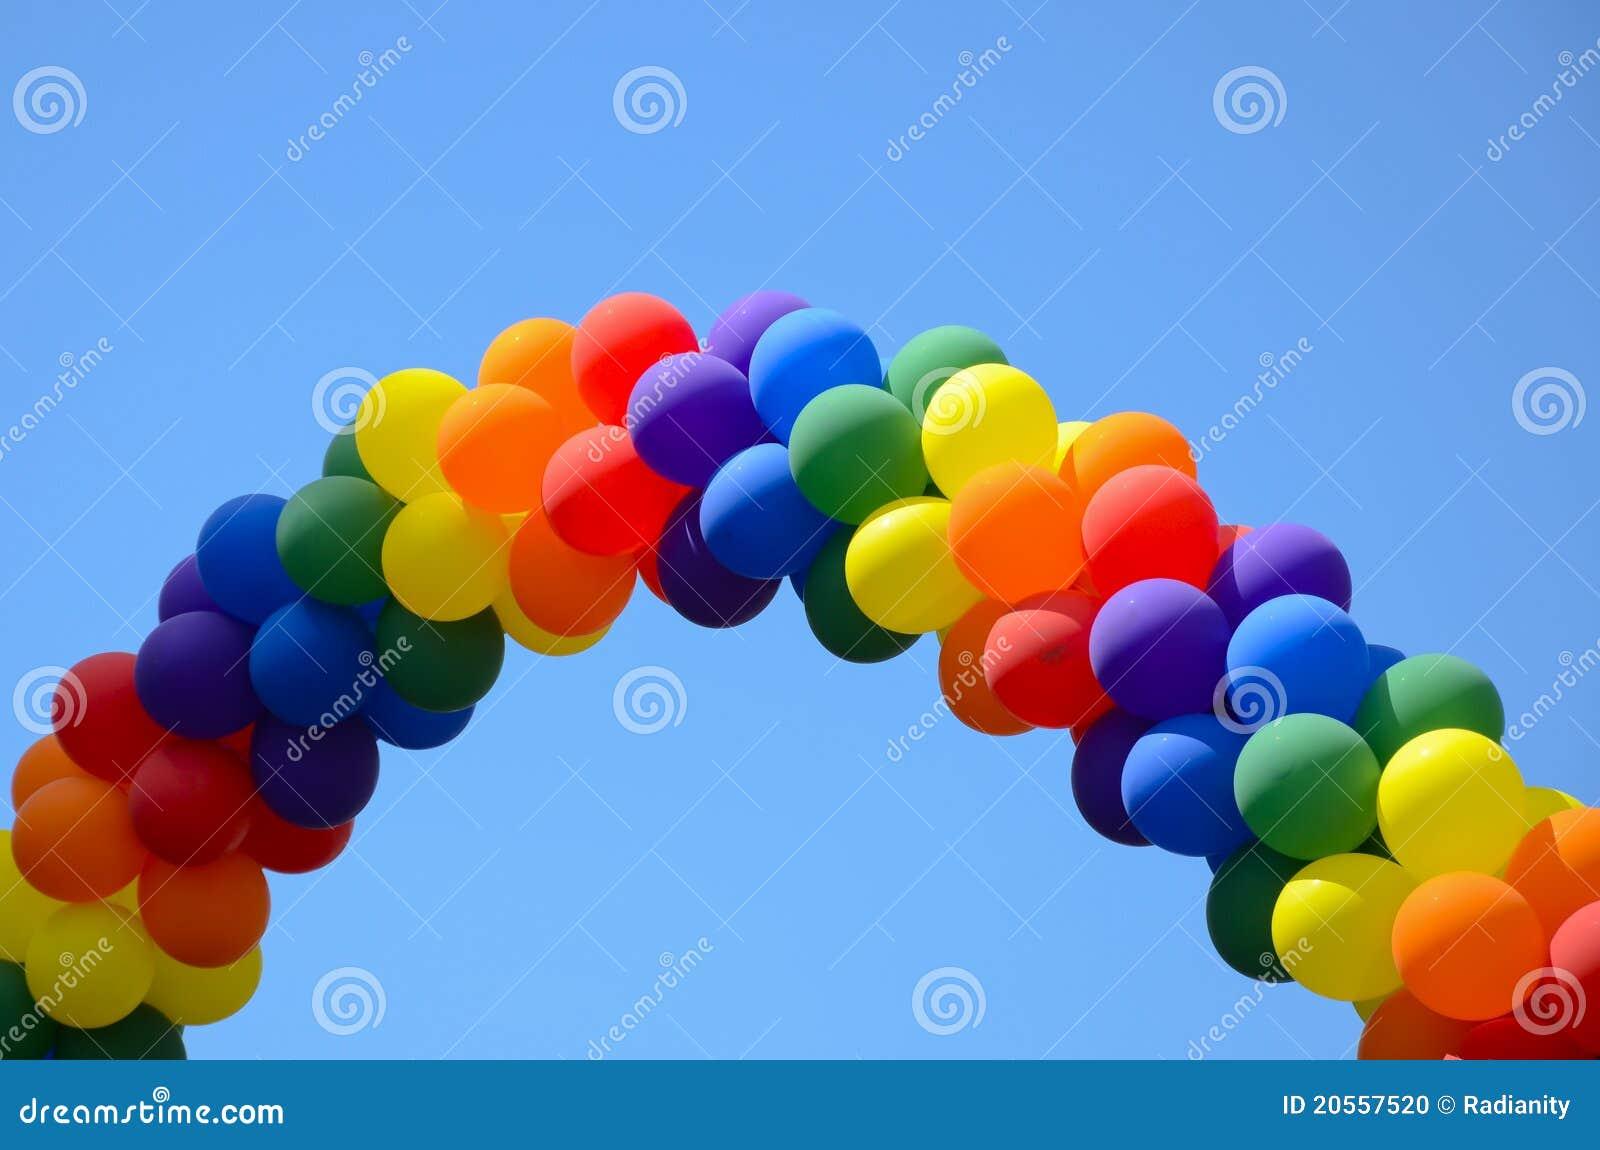 Um Arco Do H  Lio Colorido Balloons Dando Forma A Um Arco   Ris De